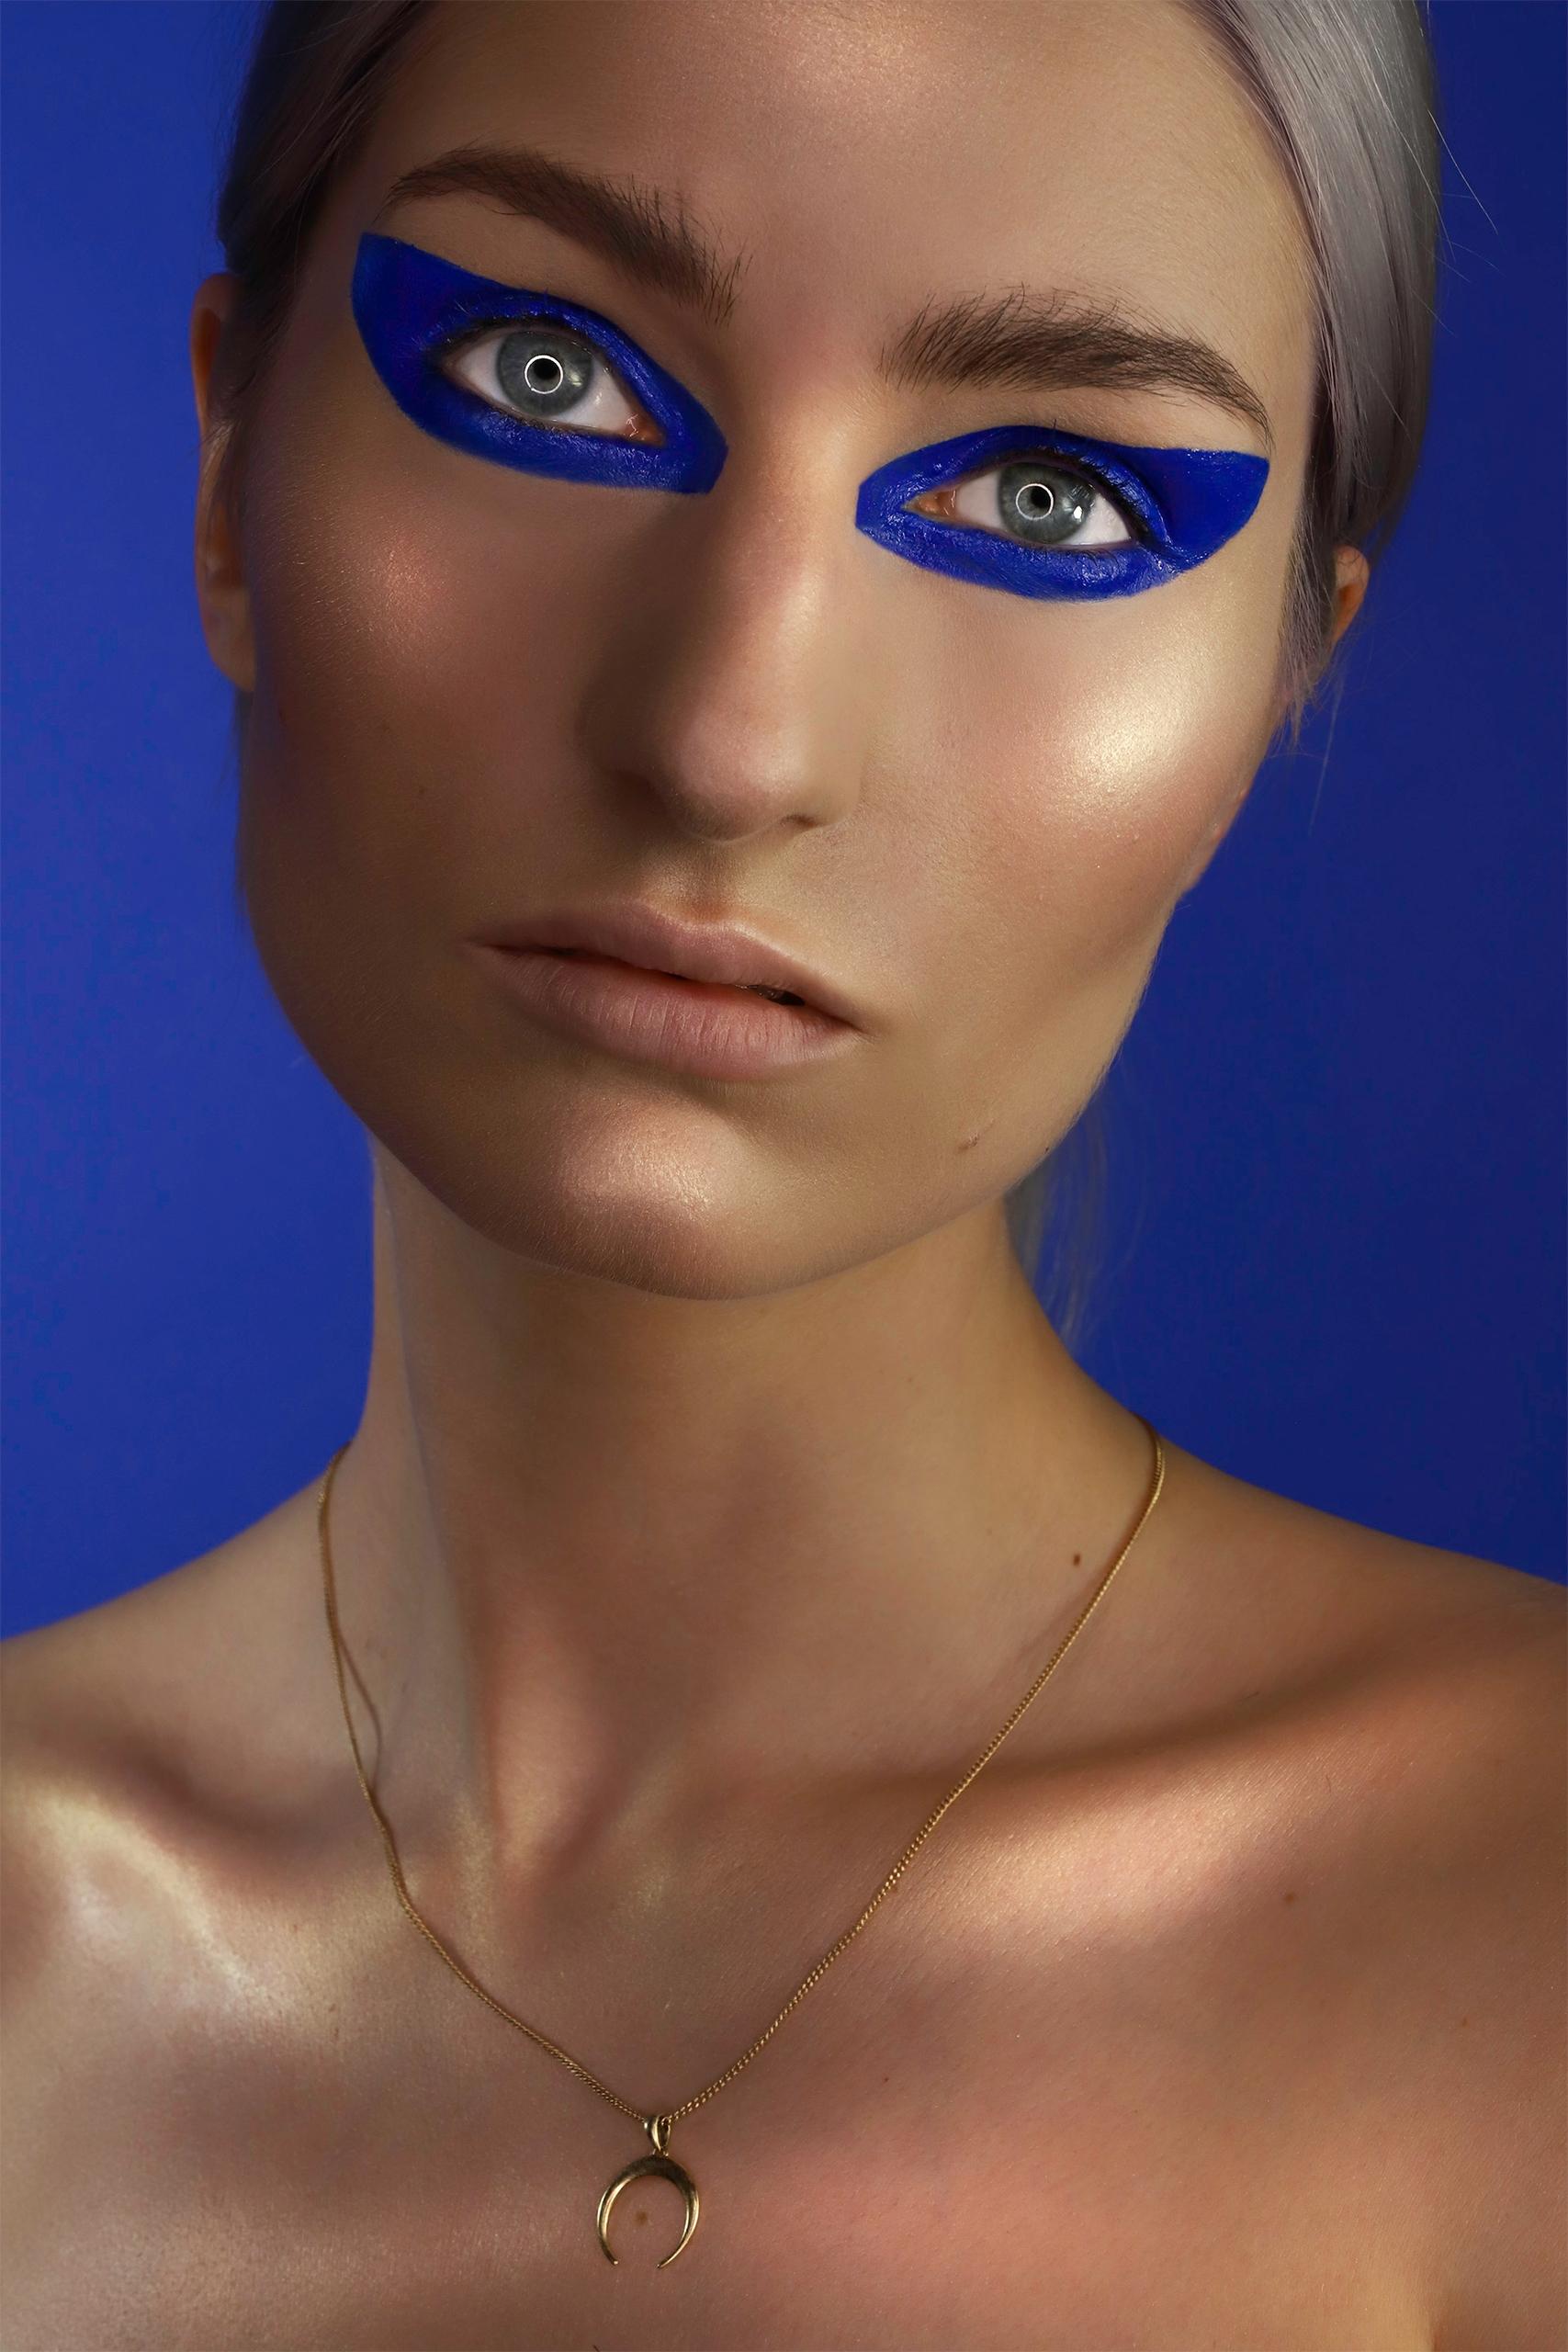 Zdjęcie przedstawia portret kobiety w mocnym makijażu na granatowym tle.